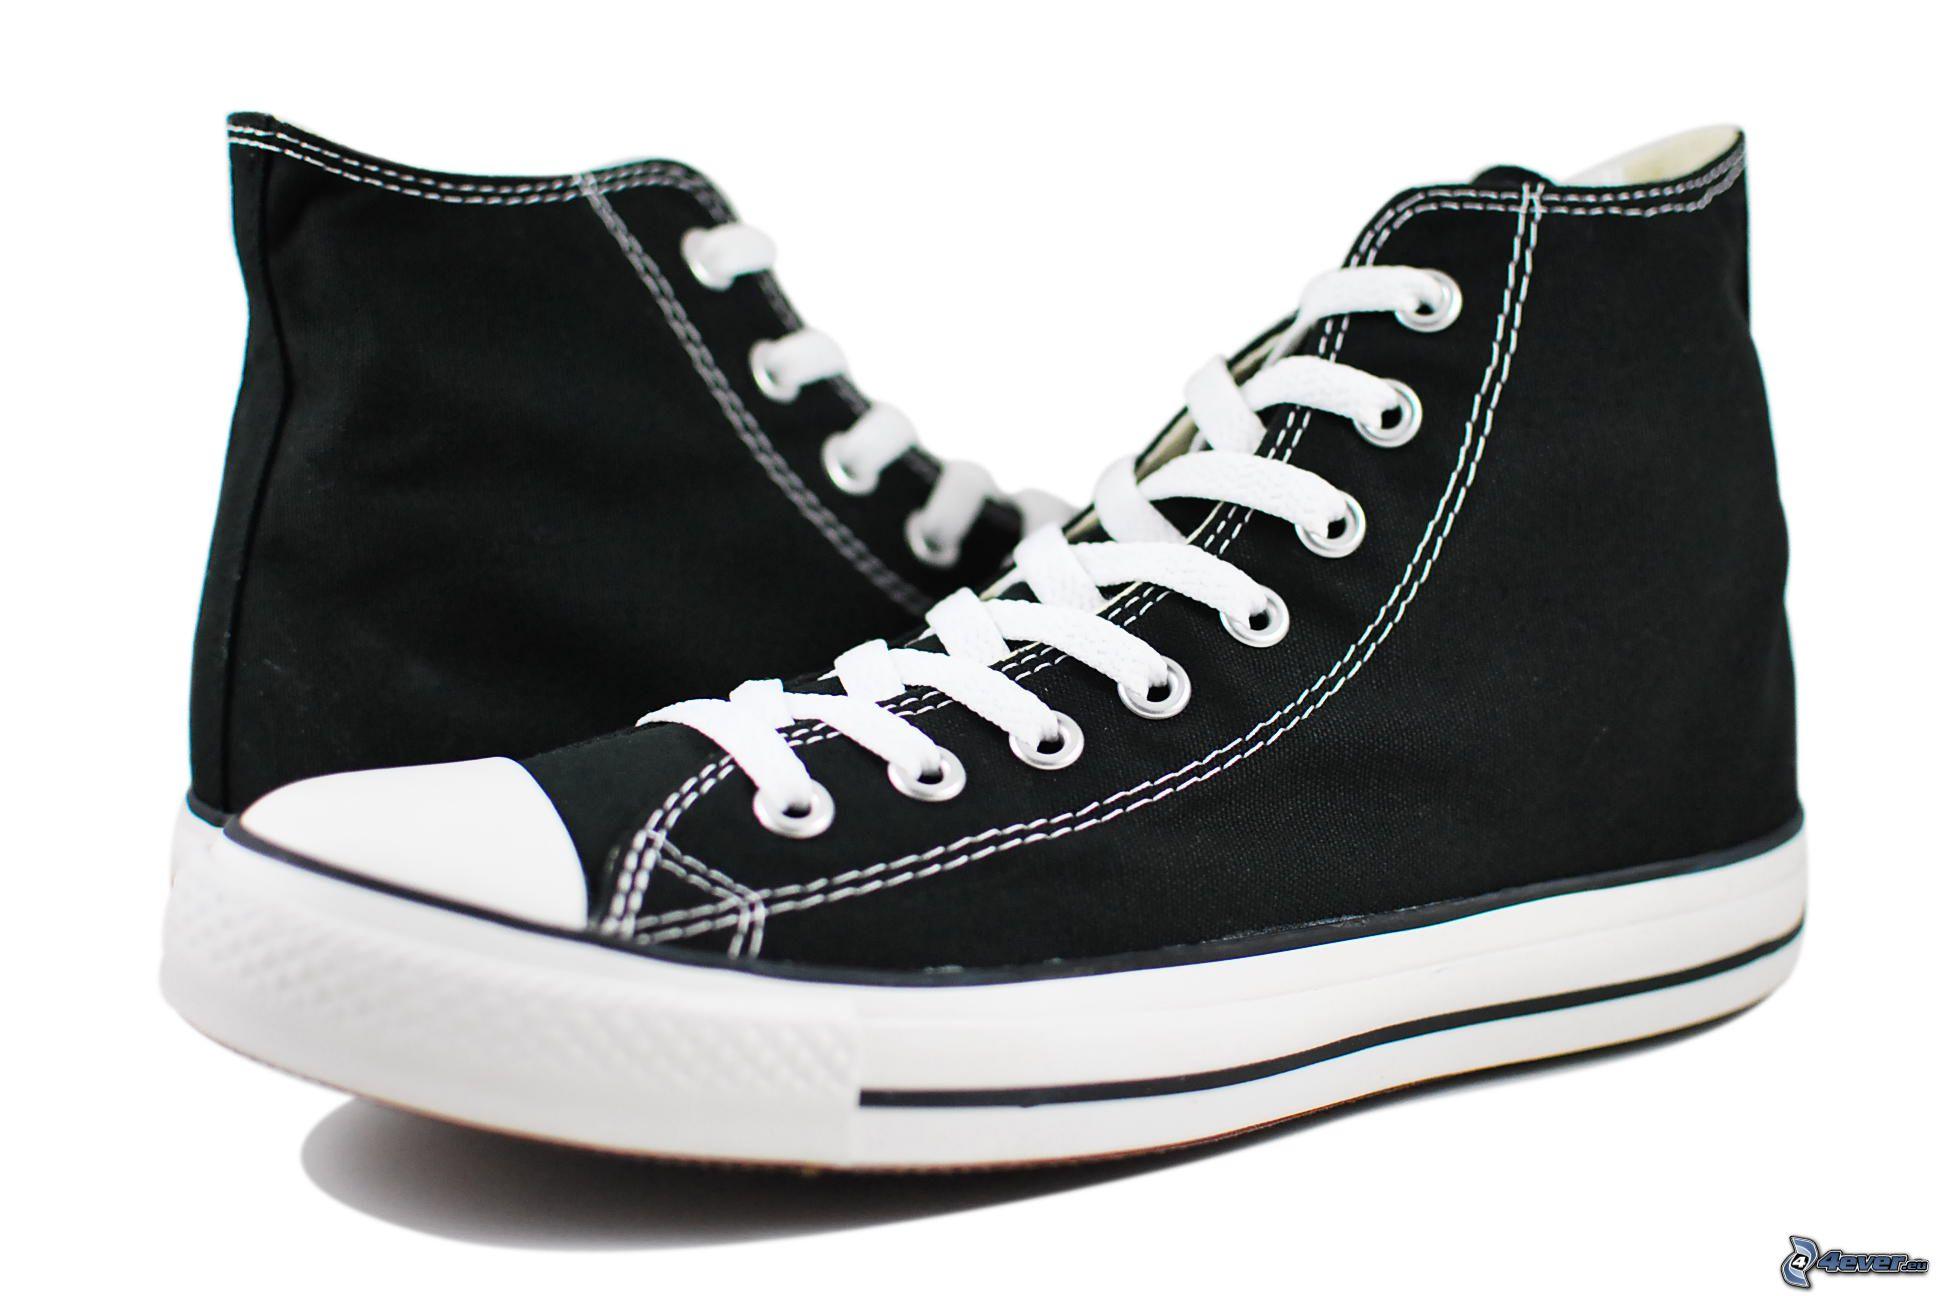 Converse Originales Png Originales Zapatos Png Zapatos Online Online Converse Converse wUqSfx